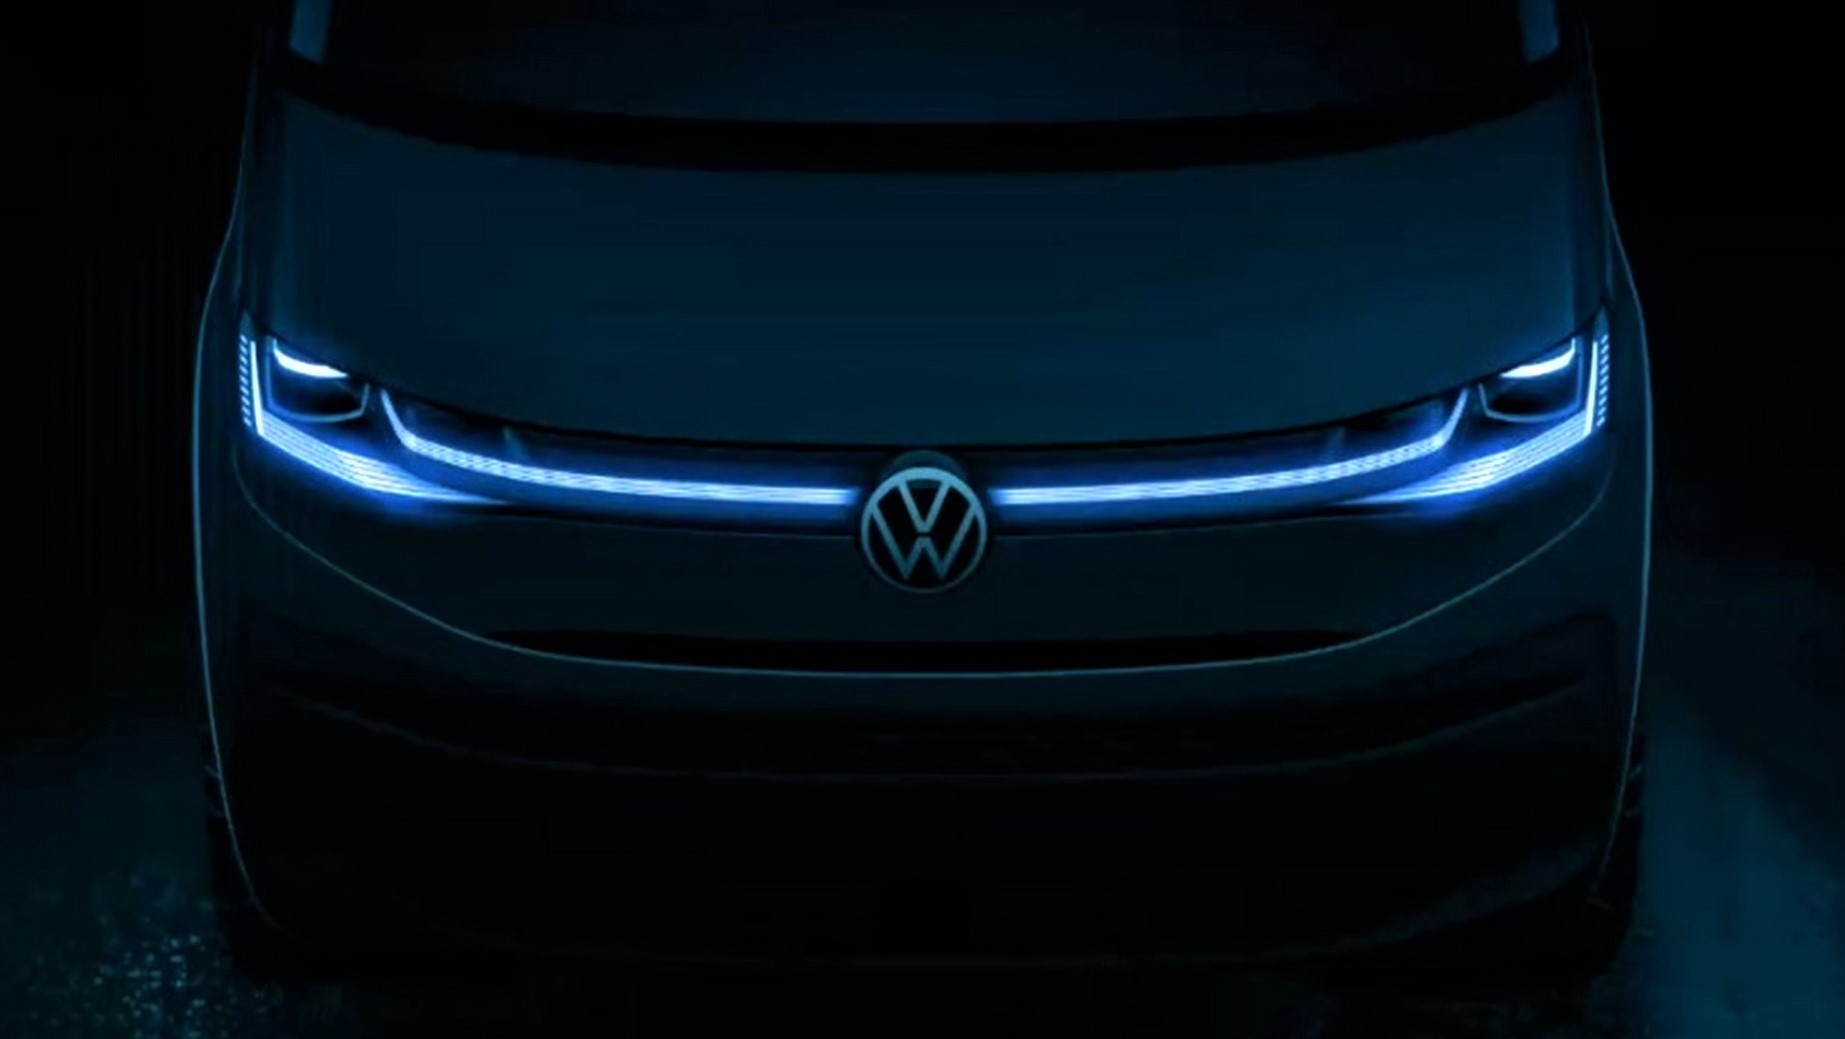 Descubrimos los nuevos detalles de la Volkswagen T7 Multivan